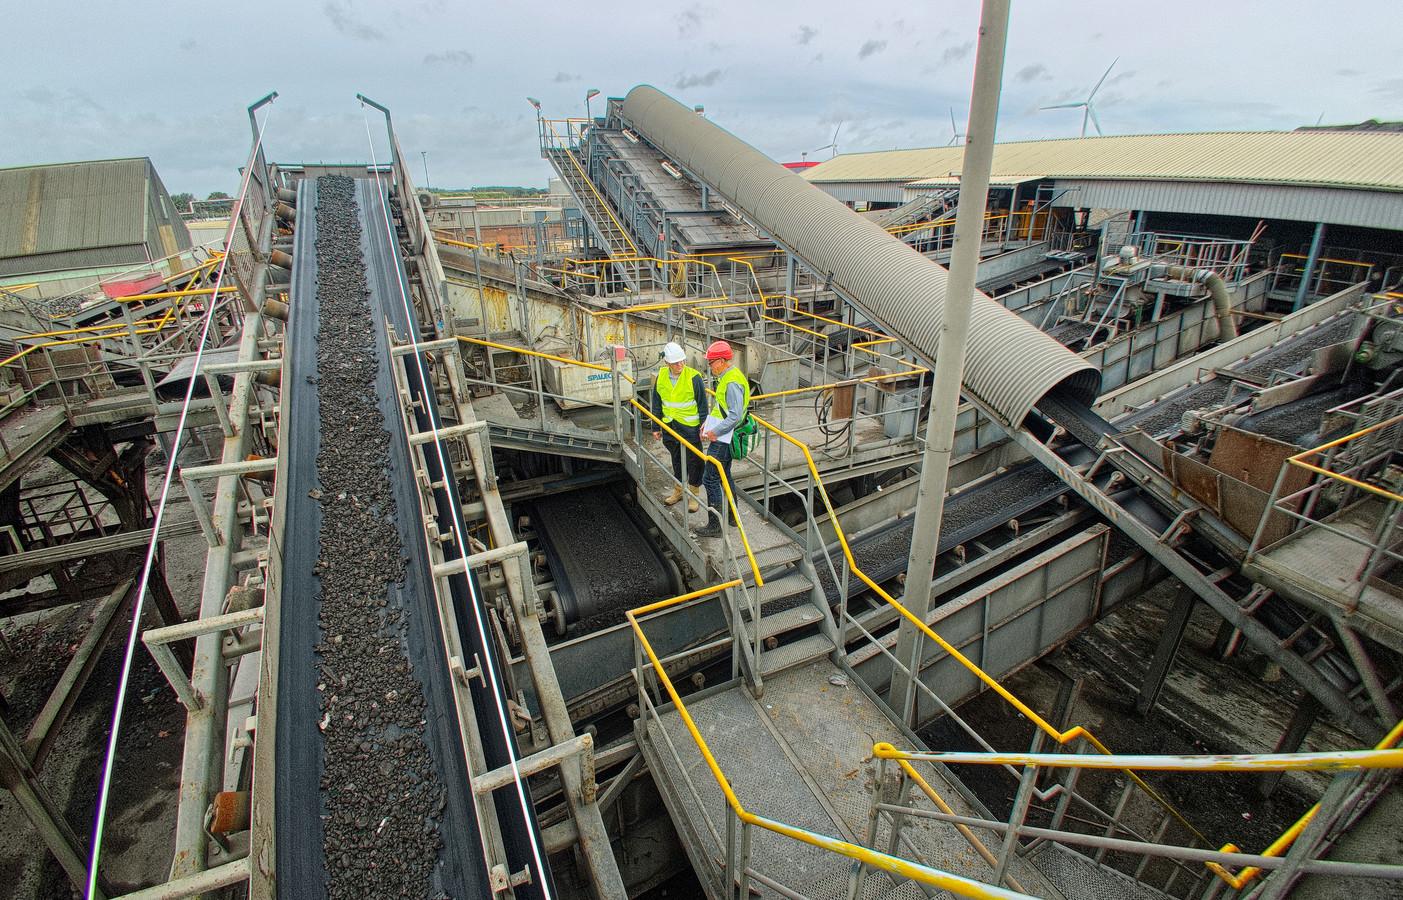 Installaties op het terrein van recyclingbedrijf Heros in Sluiskil-Oost voor de verwerking en het scheiden van bodemassen uit vuilverbrandingsovens.